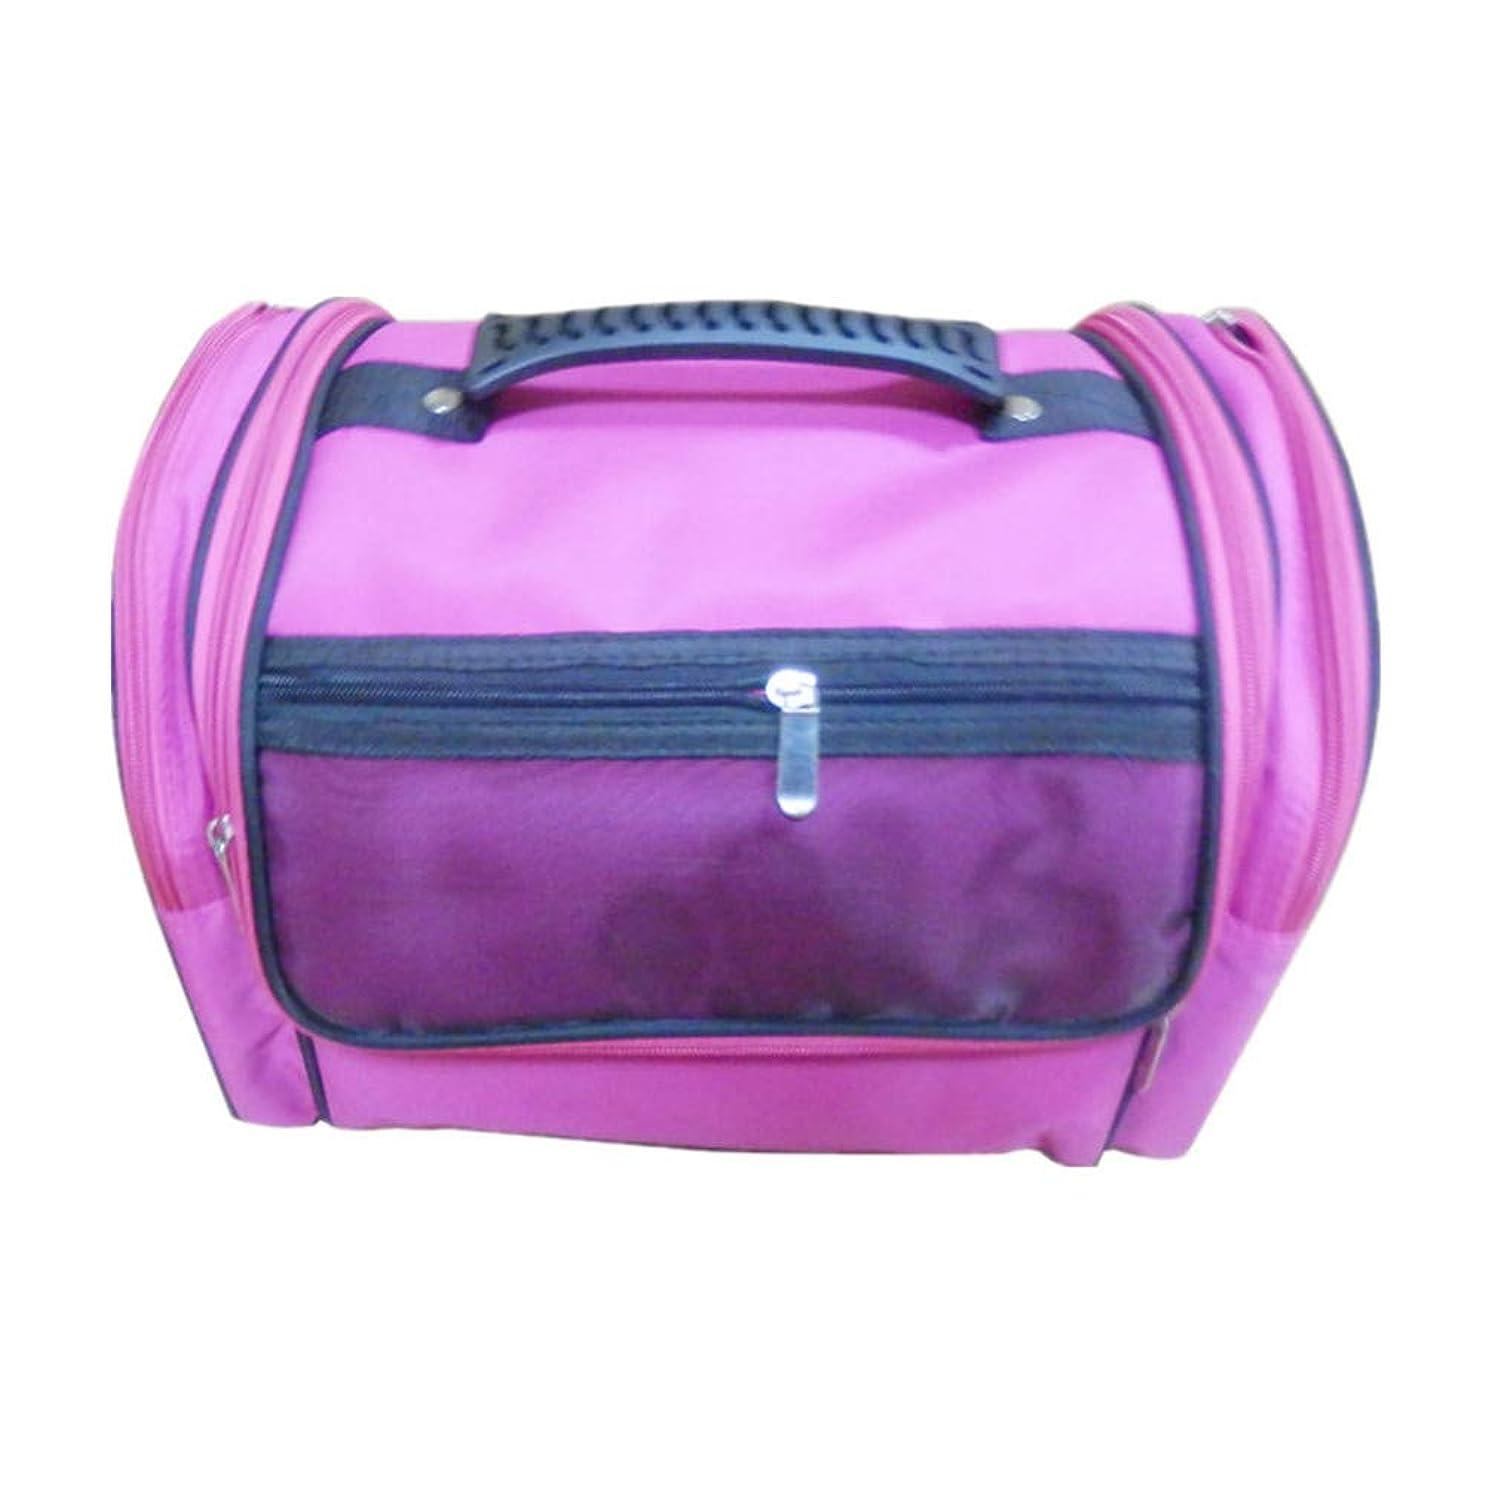 学部第二に蒸留する化粧オーガナイザーバッグ 高容量カジュアルポータ??ブルキャンバス化粧品バッグ旅行のための美容メイクアップとジッパーで毎日のストレージ 化粧品ケース